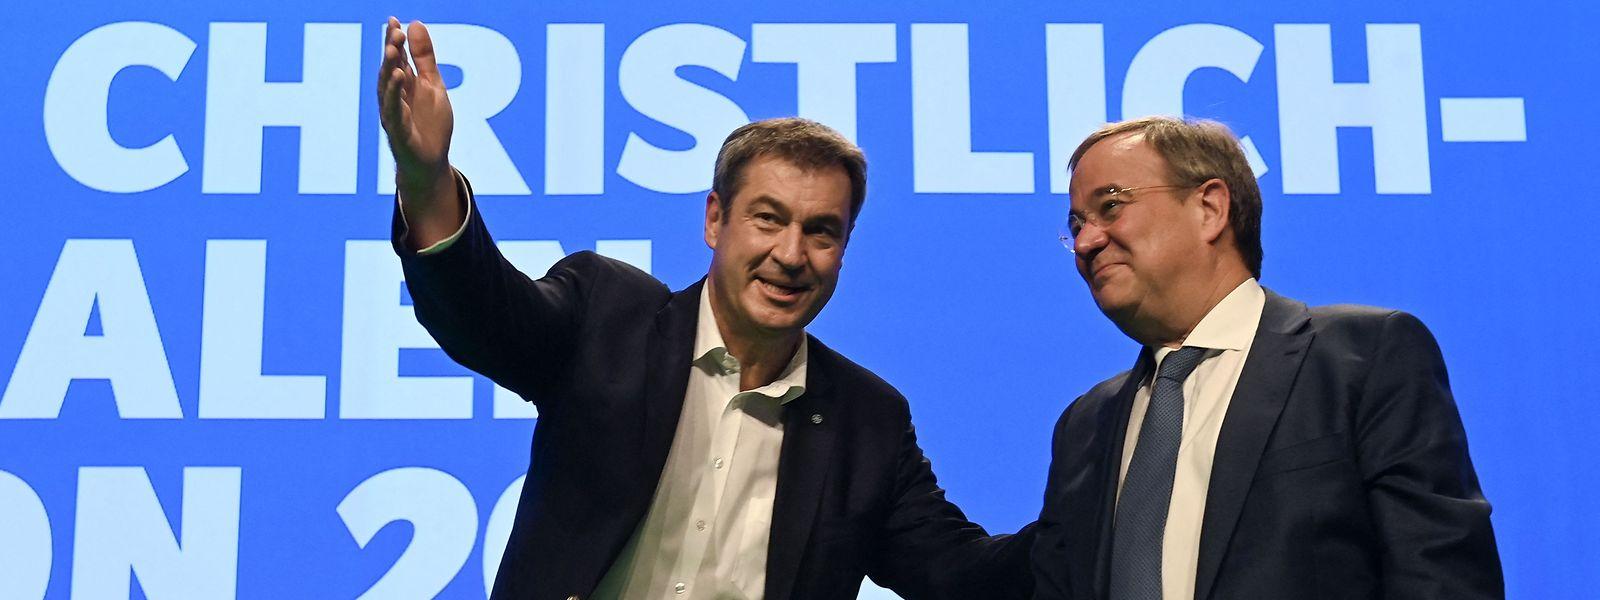 Vor Wochen Gegner um den Posten des Spitzenkandidaten der Union, jetzt notwendigerweise Verbündete: Markus Söder (links) und Armin Laschet.